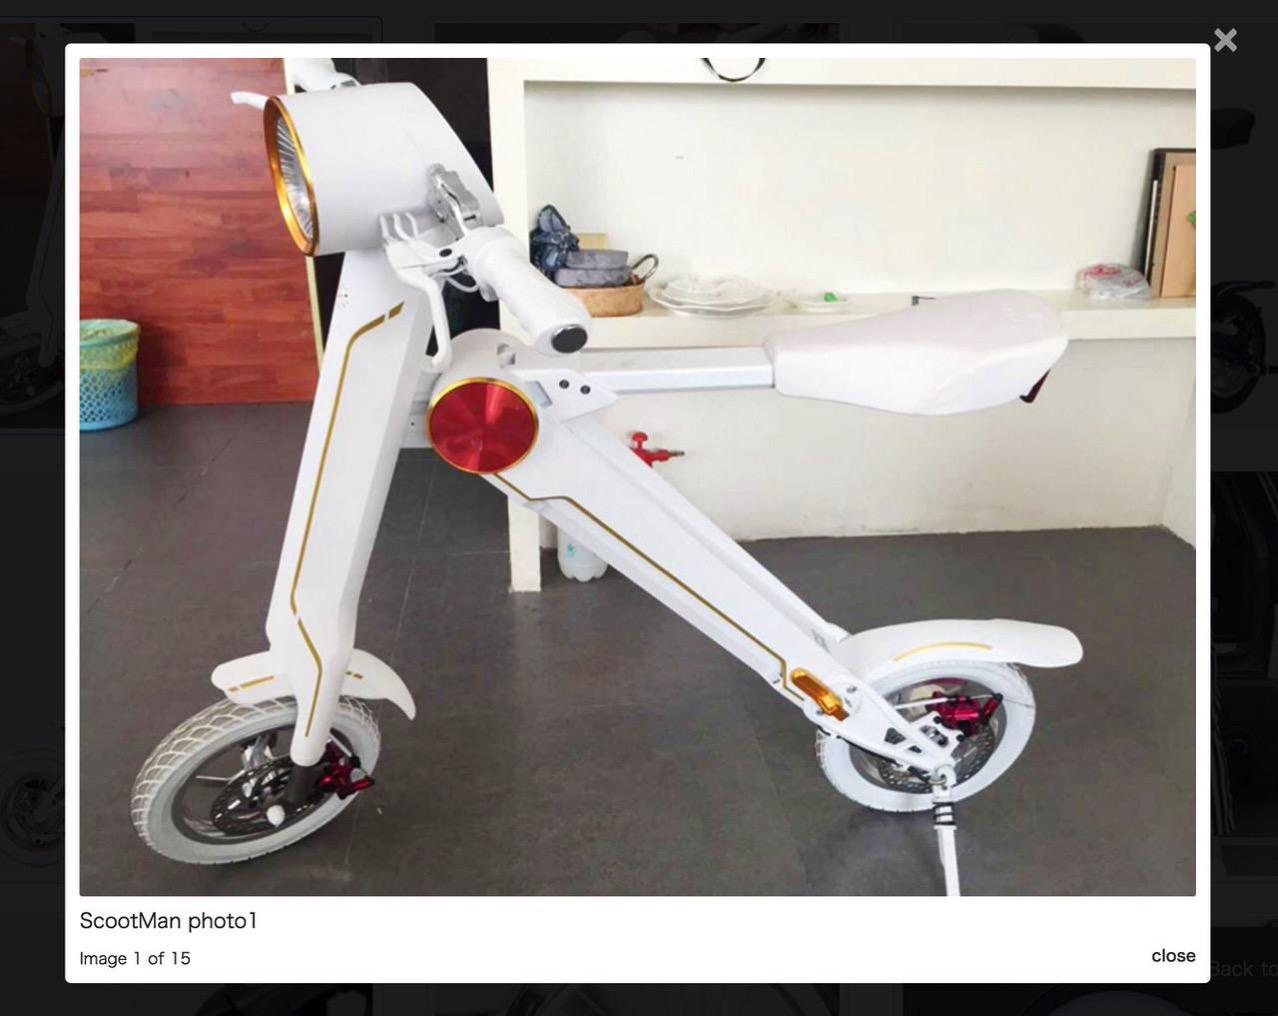 UPQの折りたたみ電動バイク「UPQ bike」ベースはスクートマン?